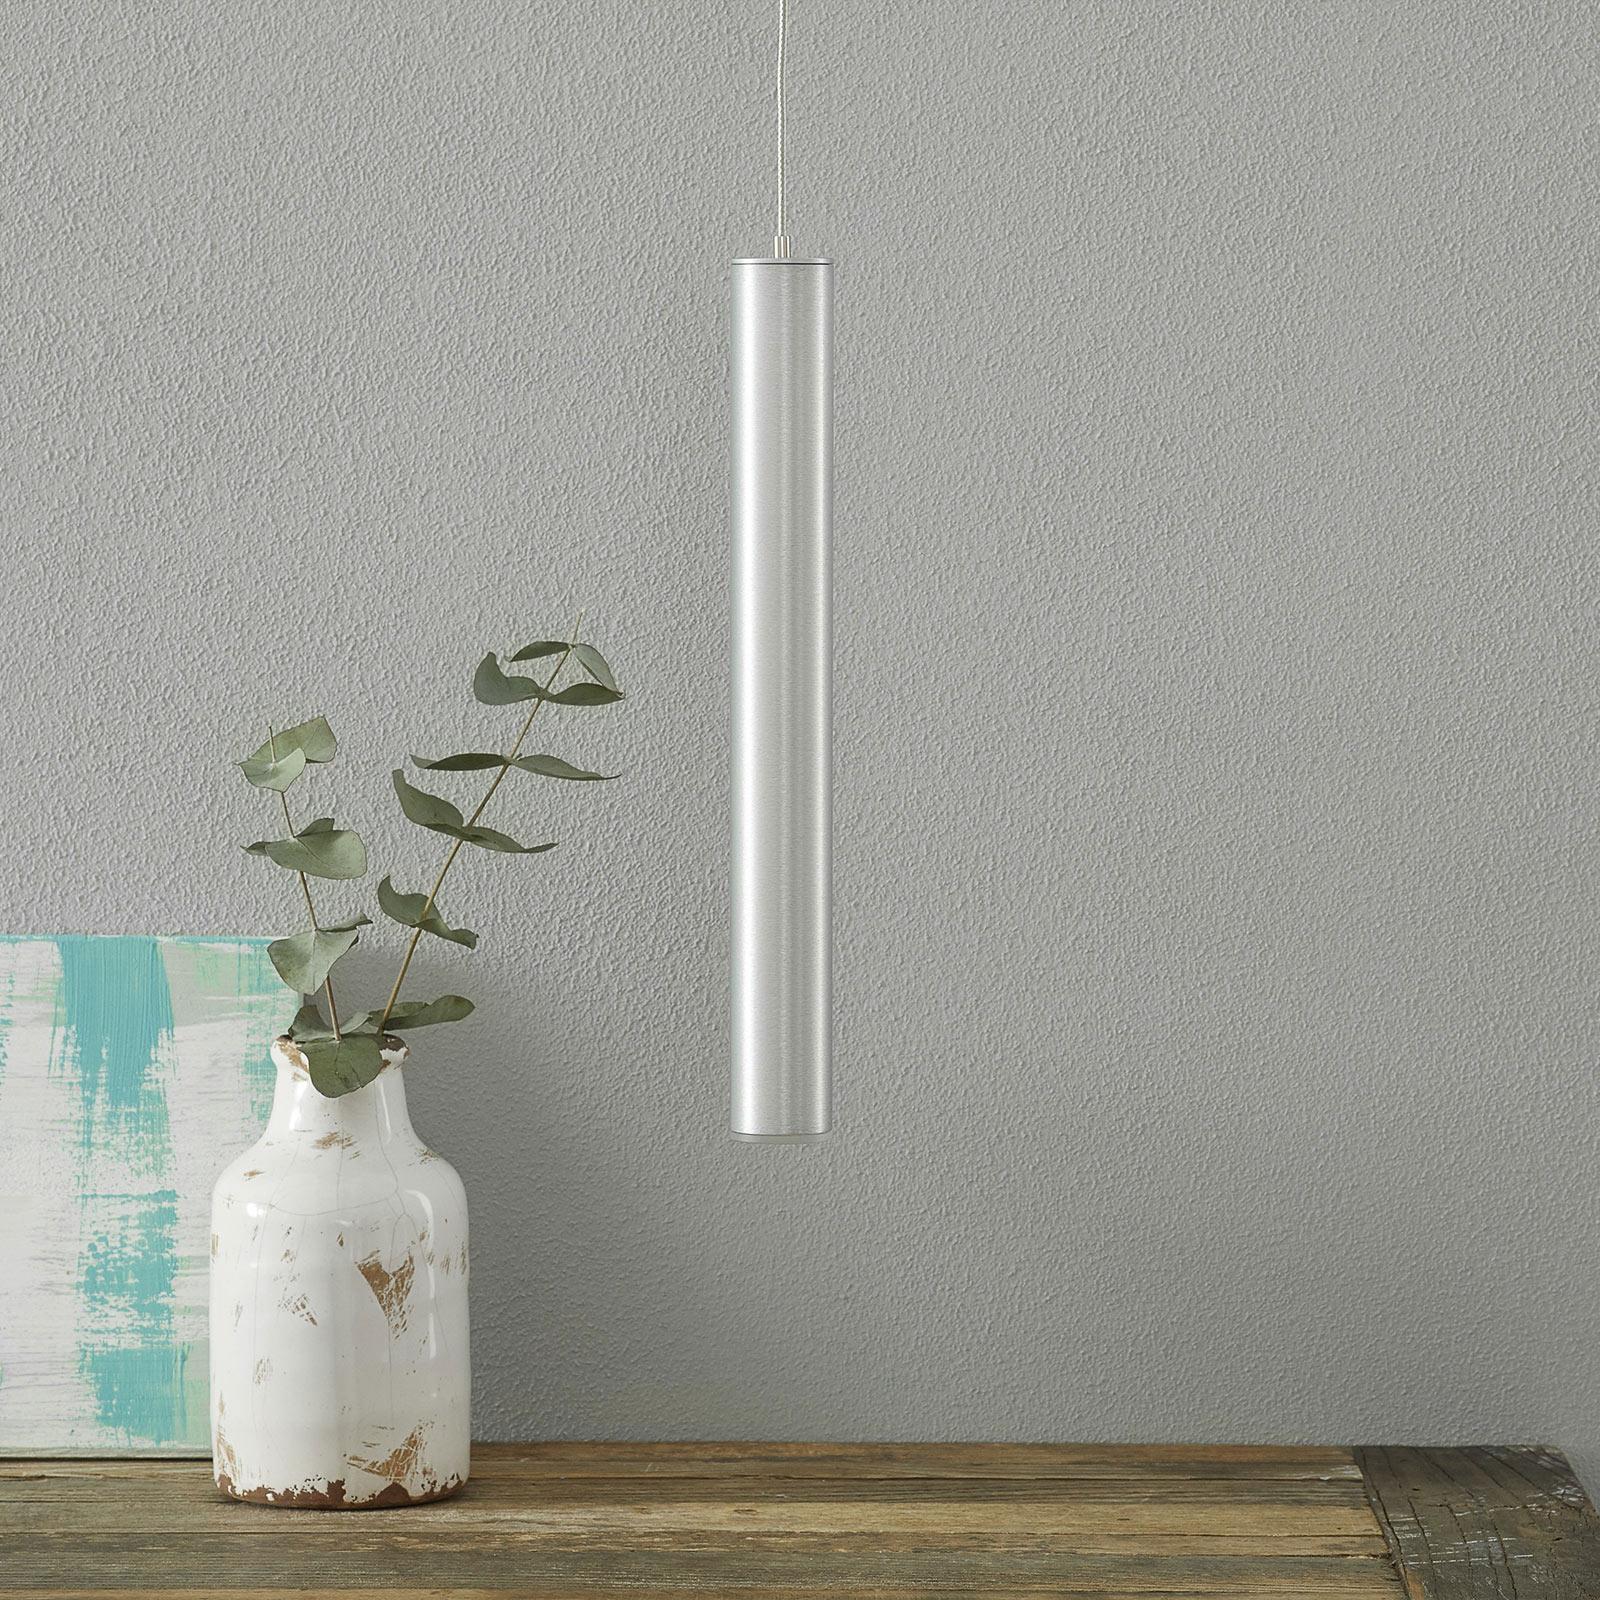 Suspension LED Plus ajustable en hauteur